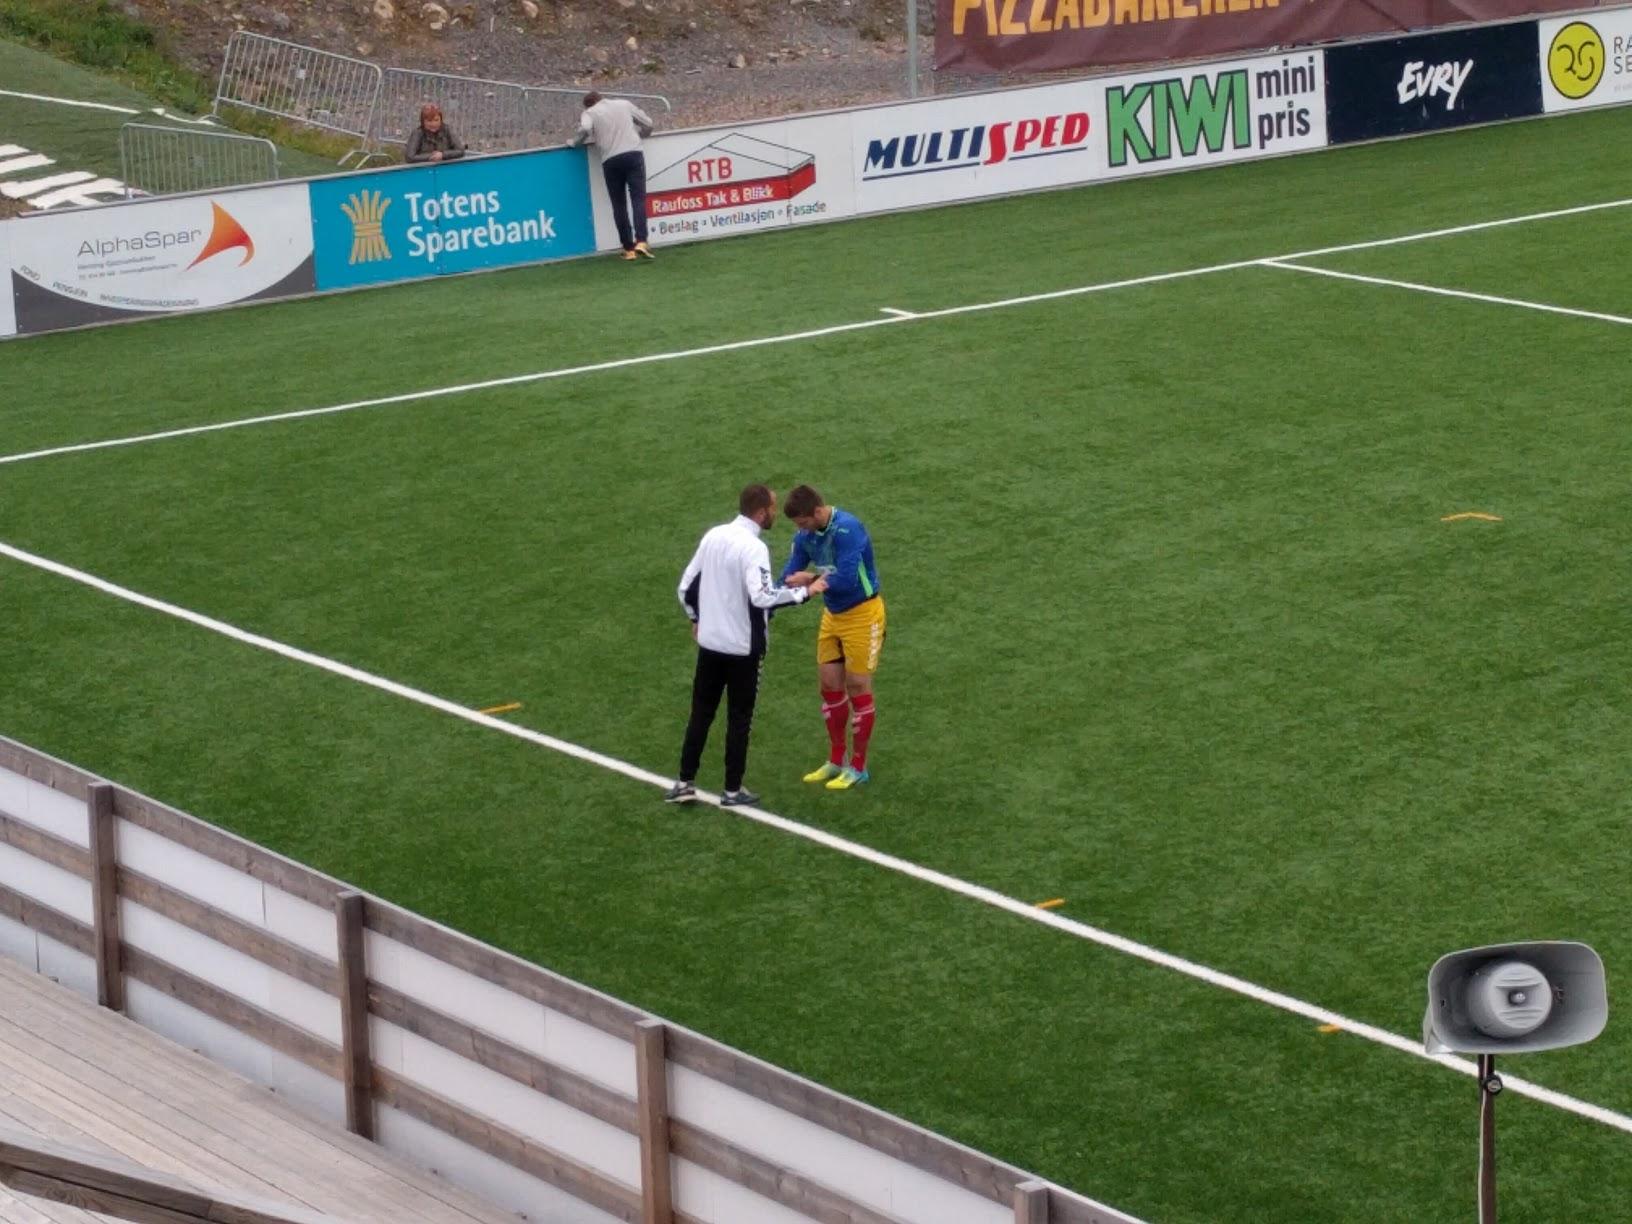 Adrian Møller fikk ikke bruke sin gule keeperdrakt, og måtte etter hvert låne en av hjemmelagets keeperdrakter.